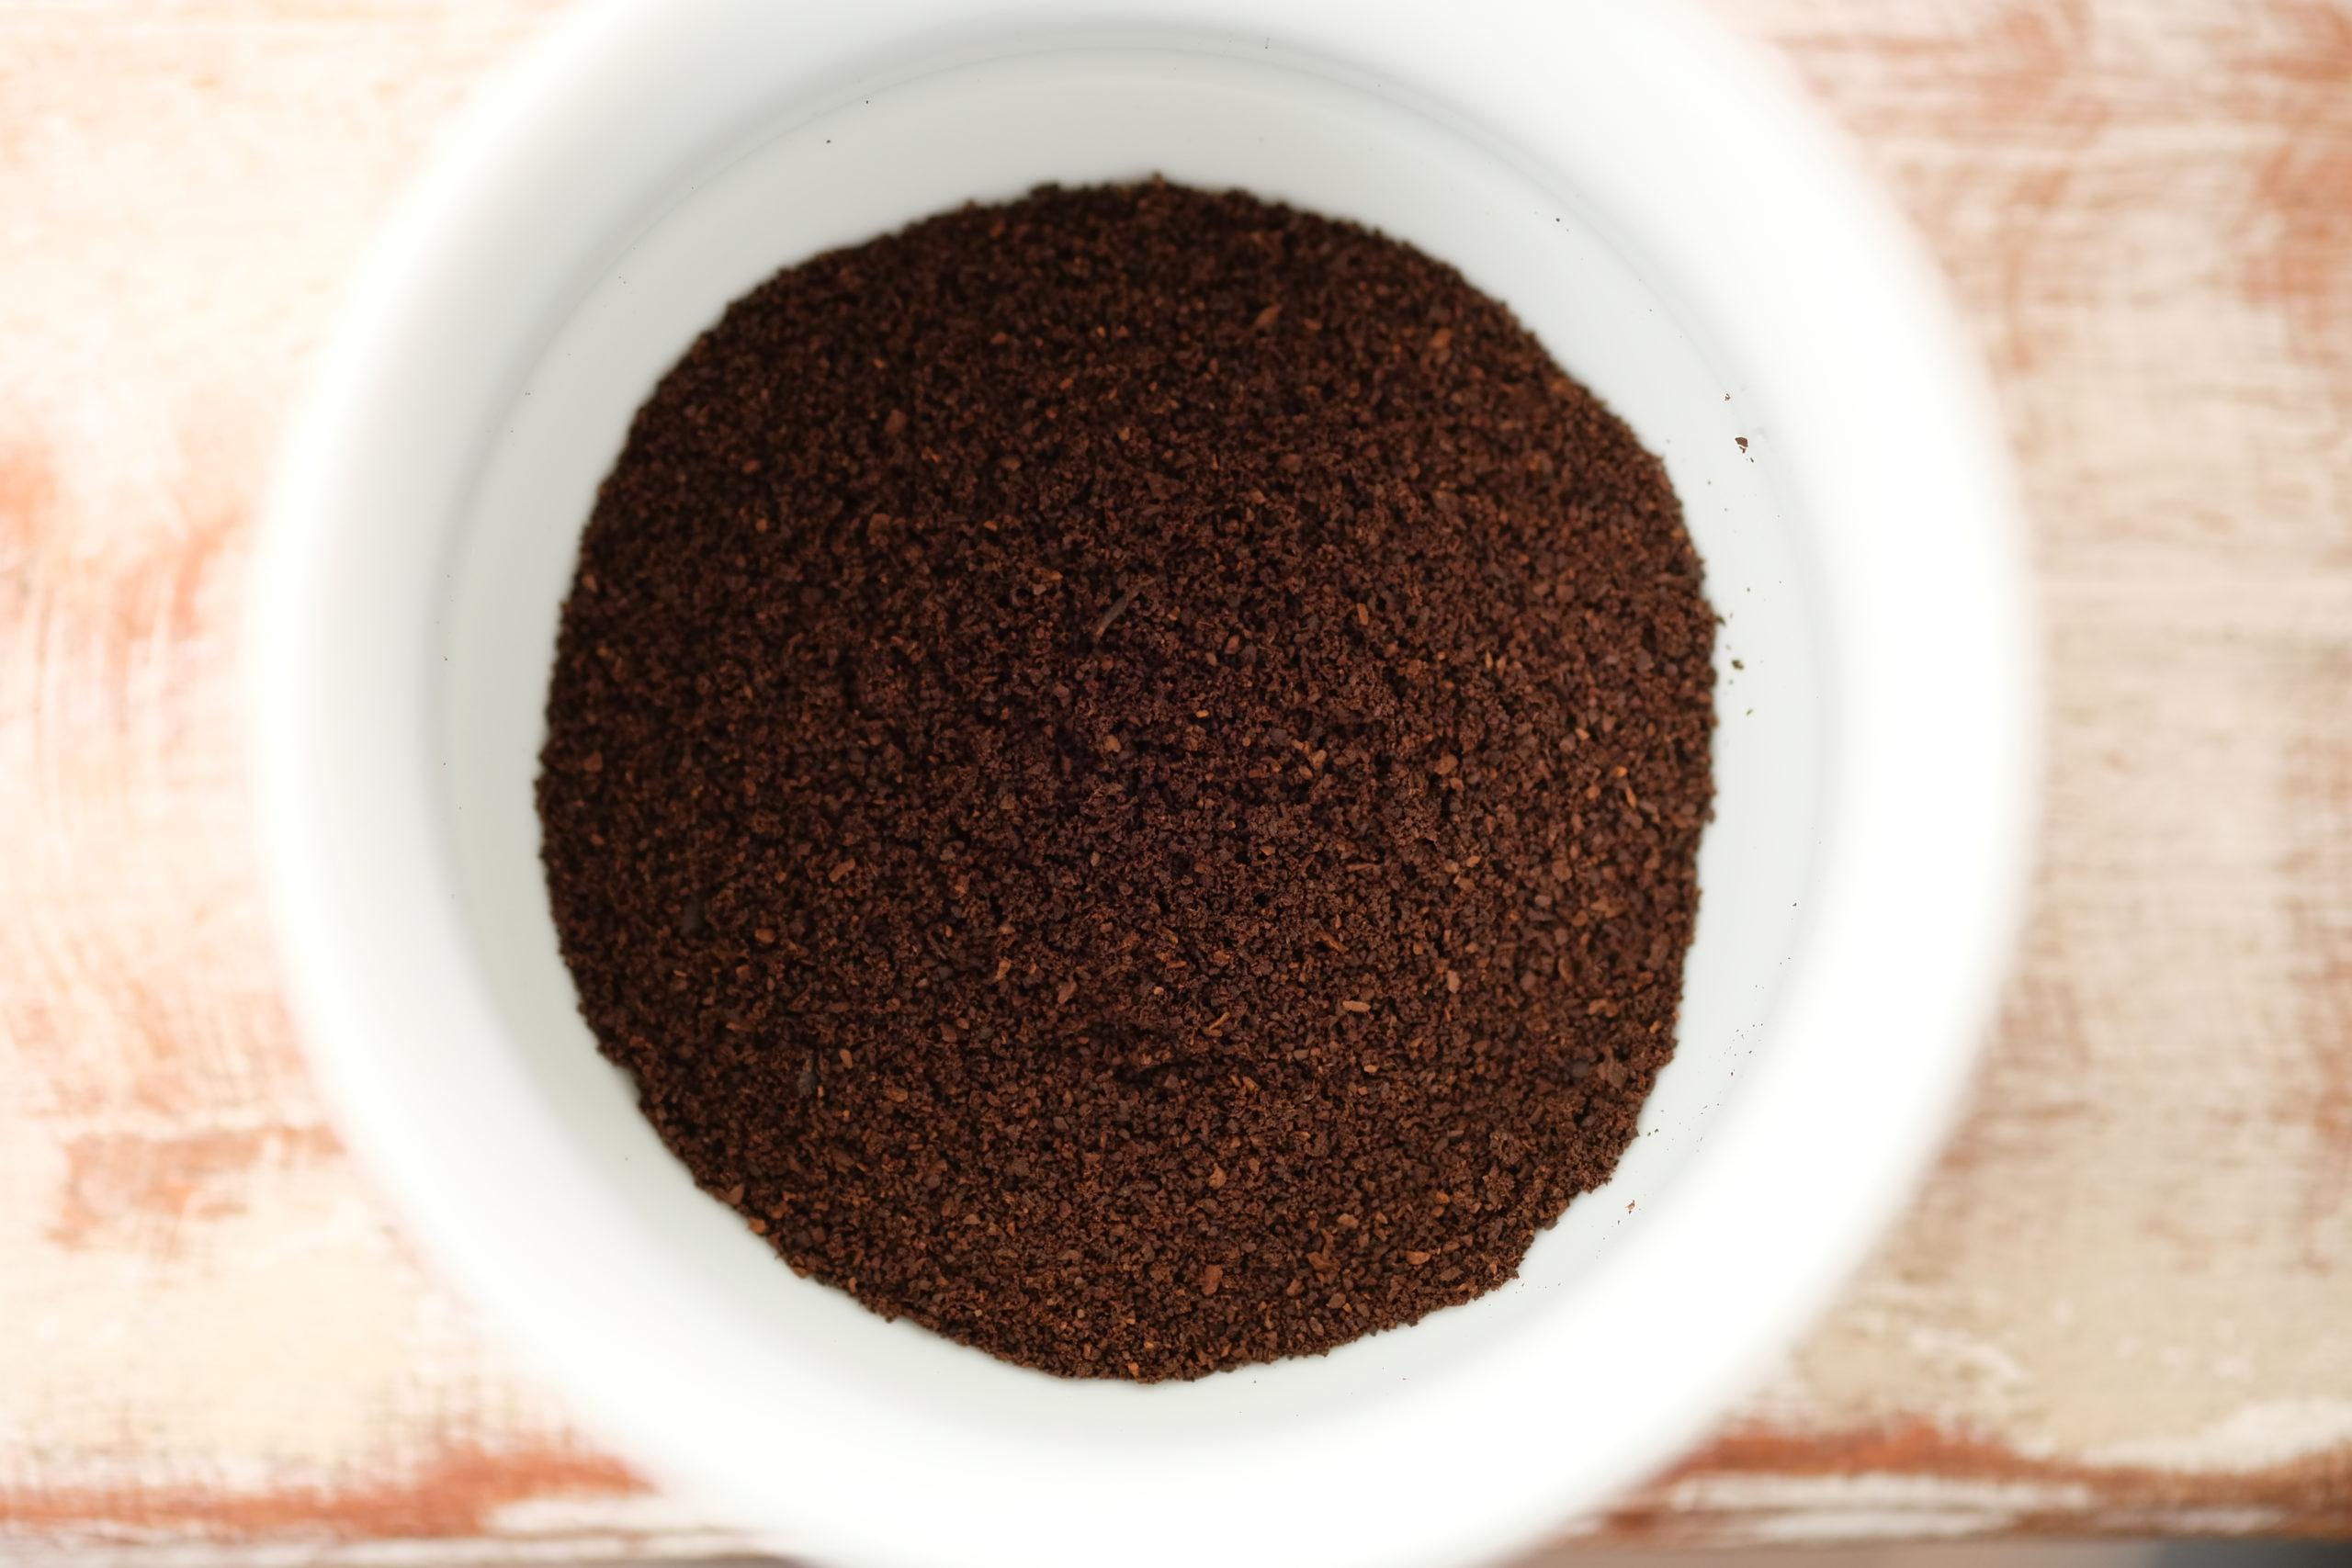 Kaffee Arabica geröstet und gemahlen